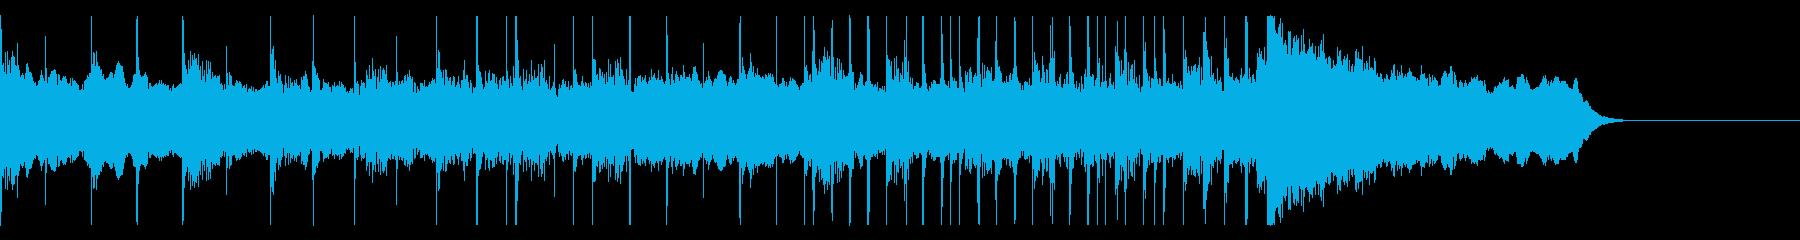 ボイスパーカッションでやさしいBGM2の再生済みの波形